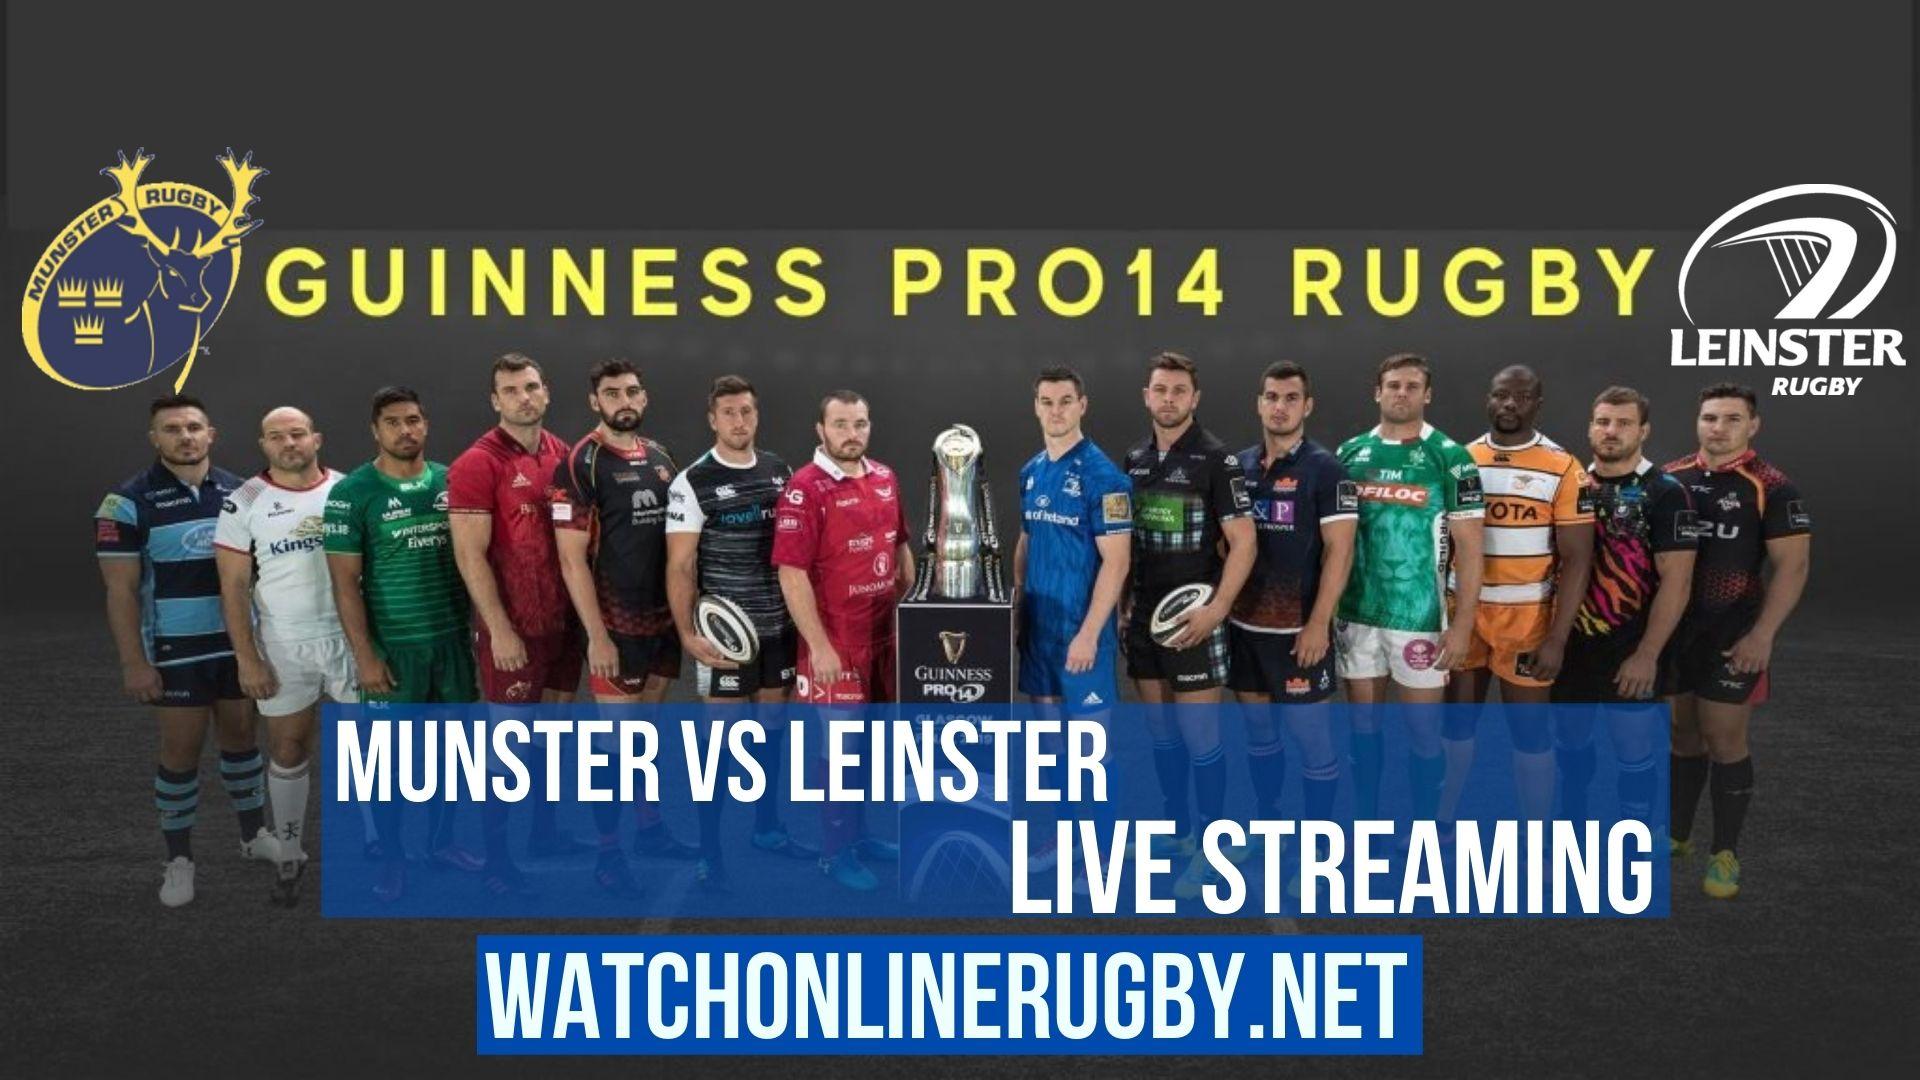 munster-vs-leinster-2016-live-streaming